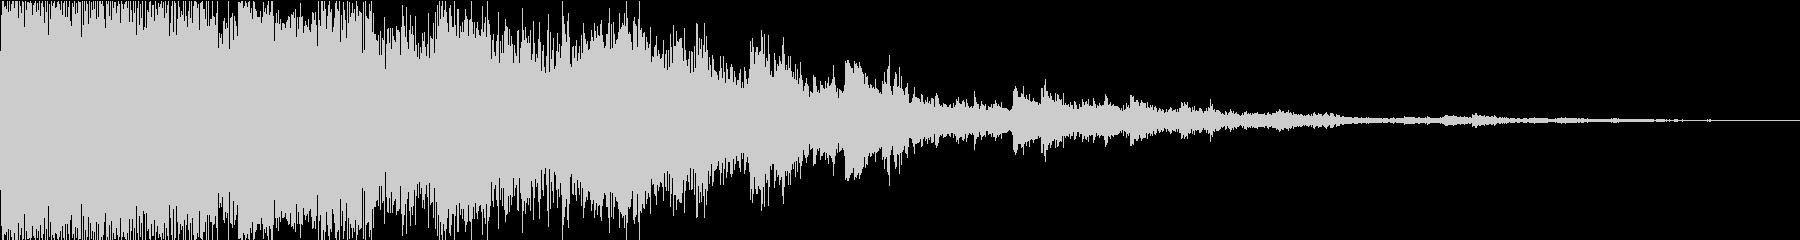 パリーン_耳に優しいガラスが飛び散る音の未再生の波形